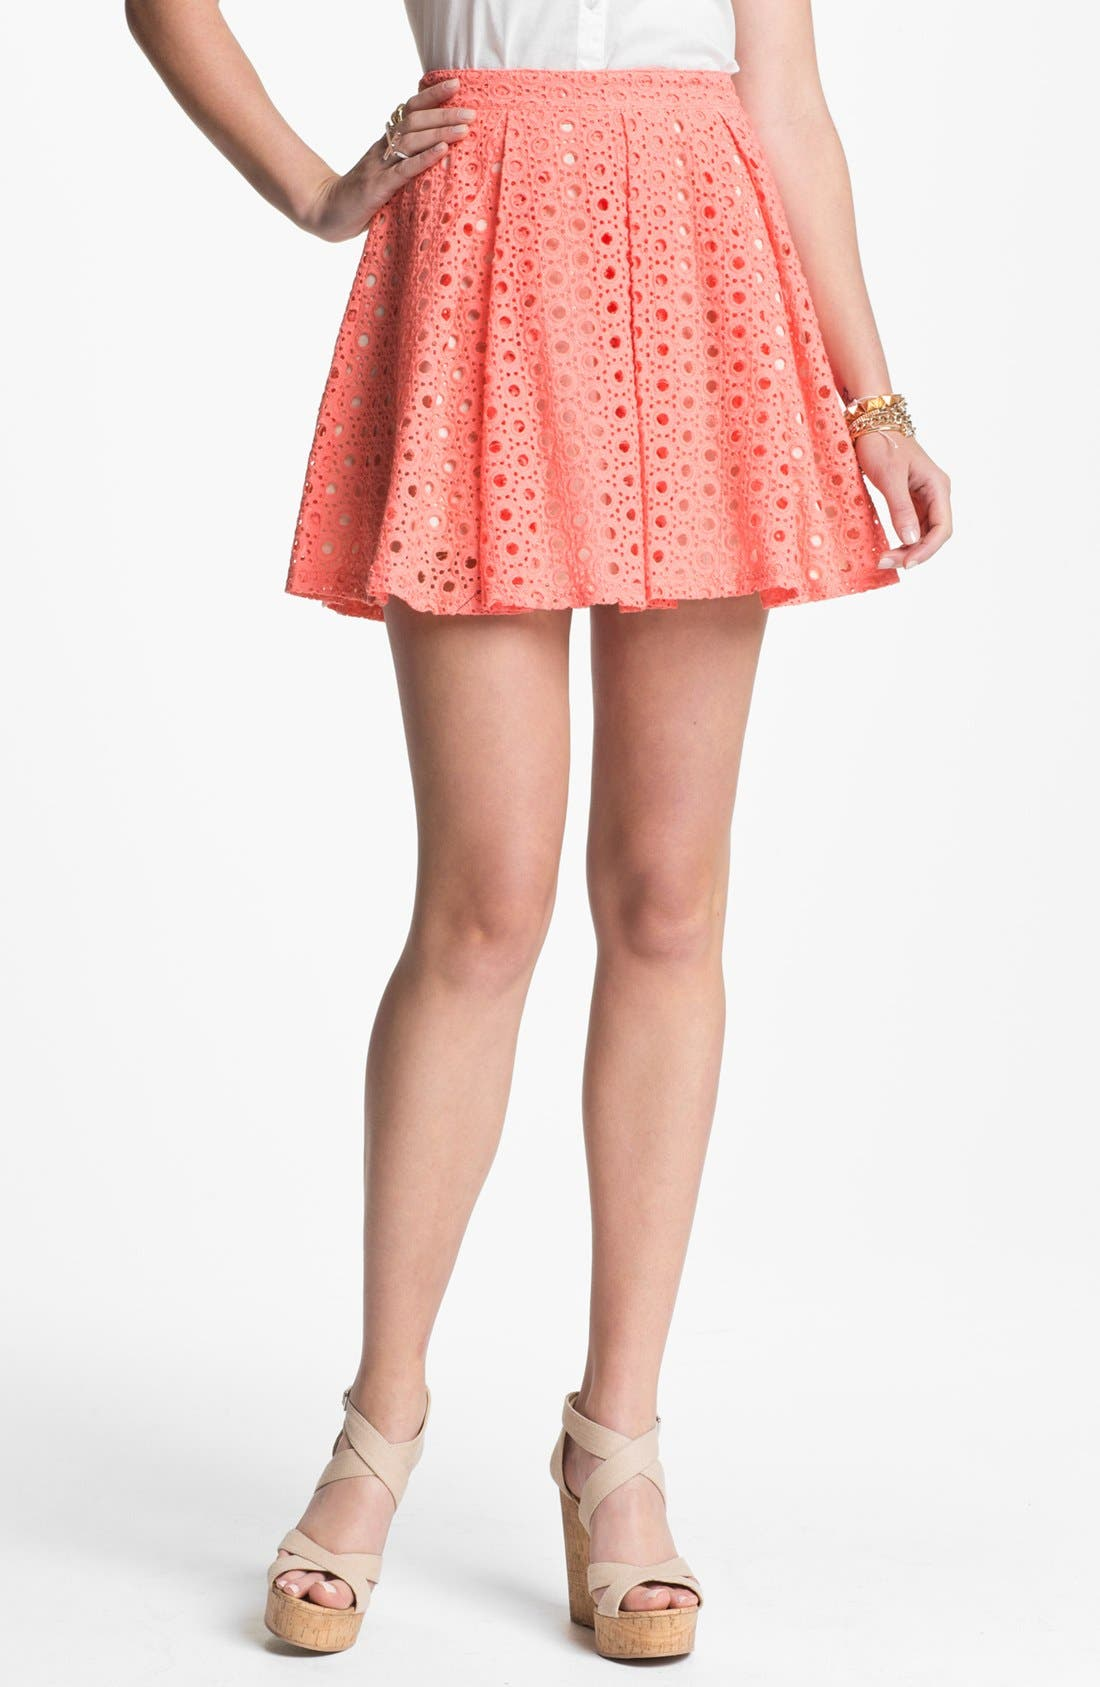 Alternate Image 1 Selected - Lush Eyelet Skater Skirt (Juniors)(Online Exclusive)